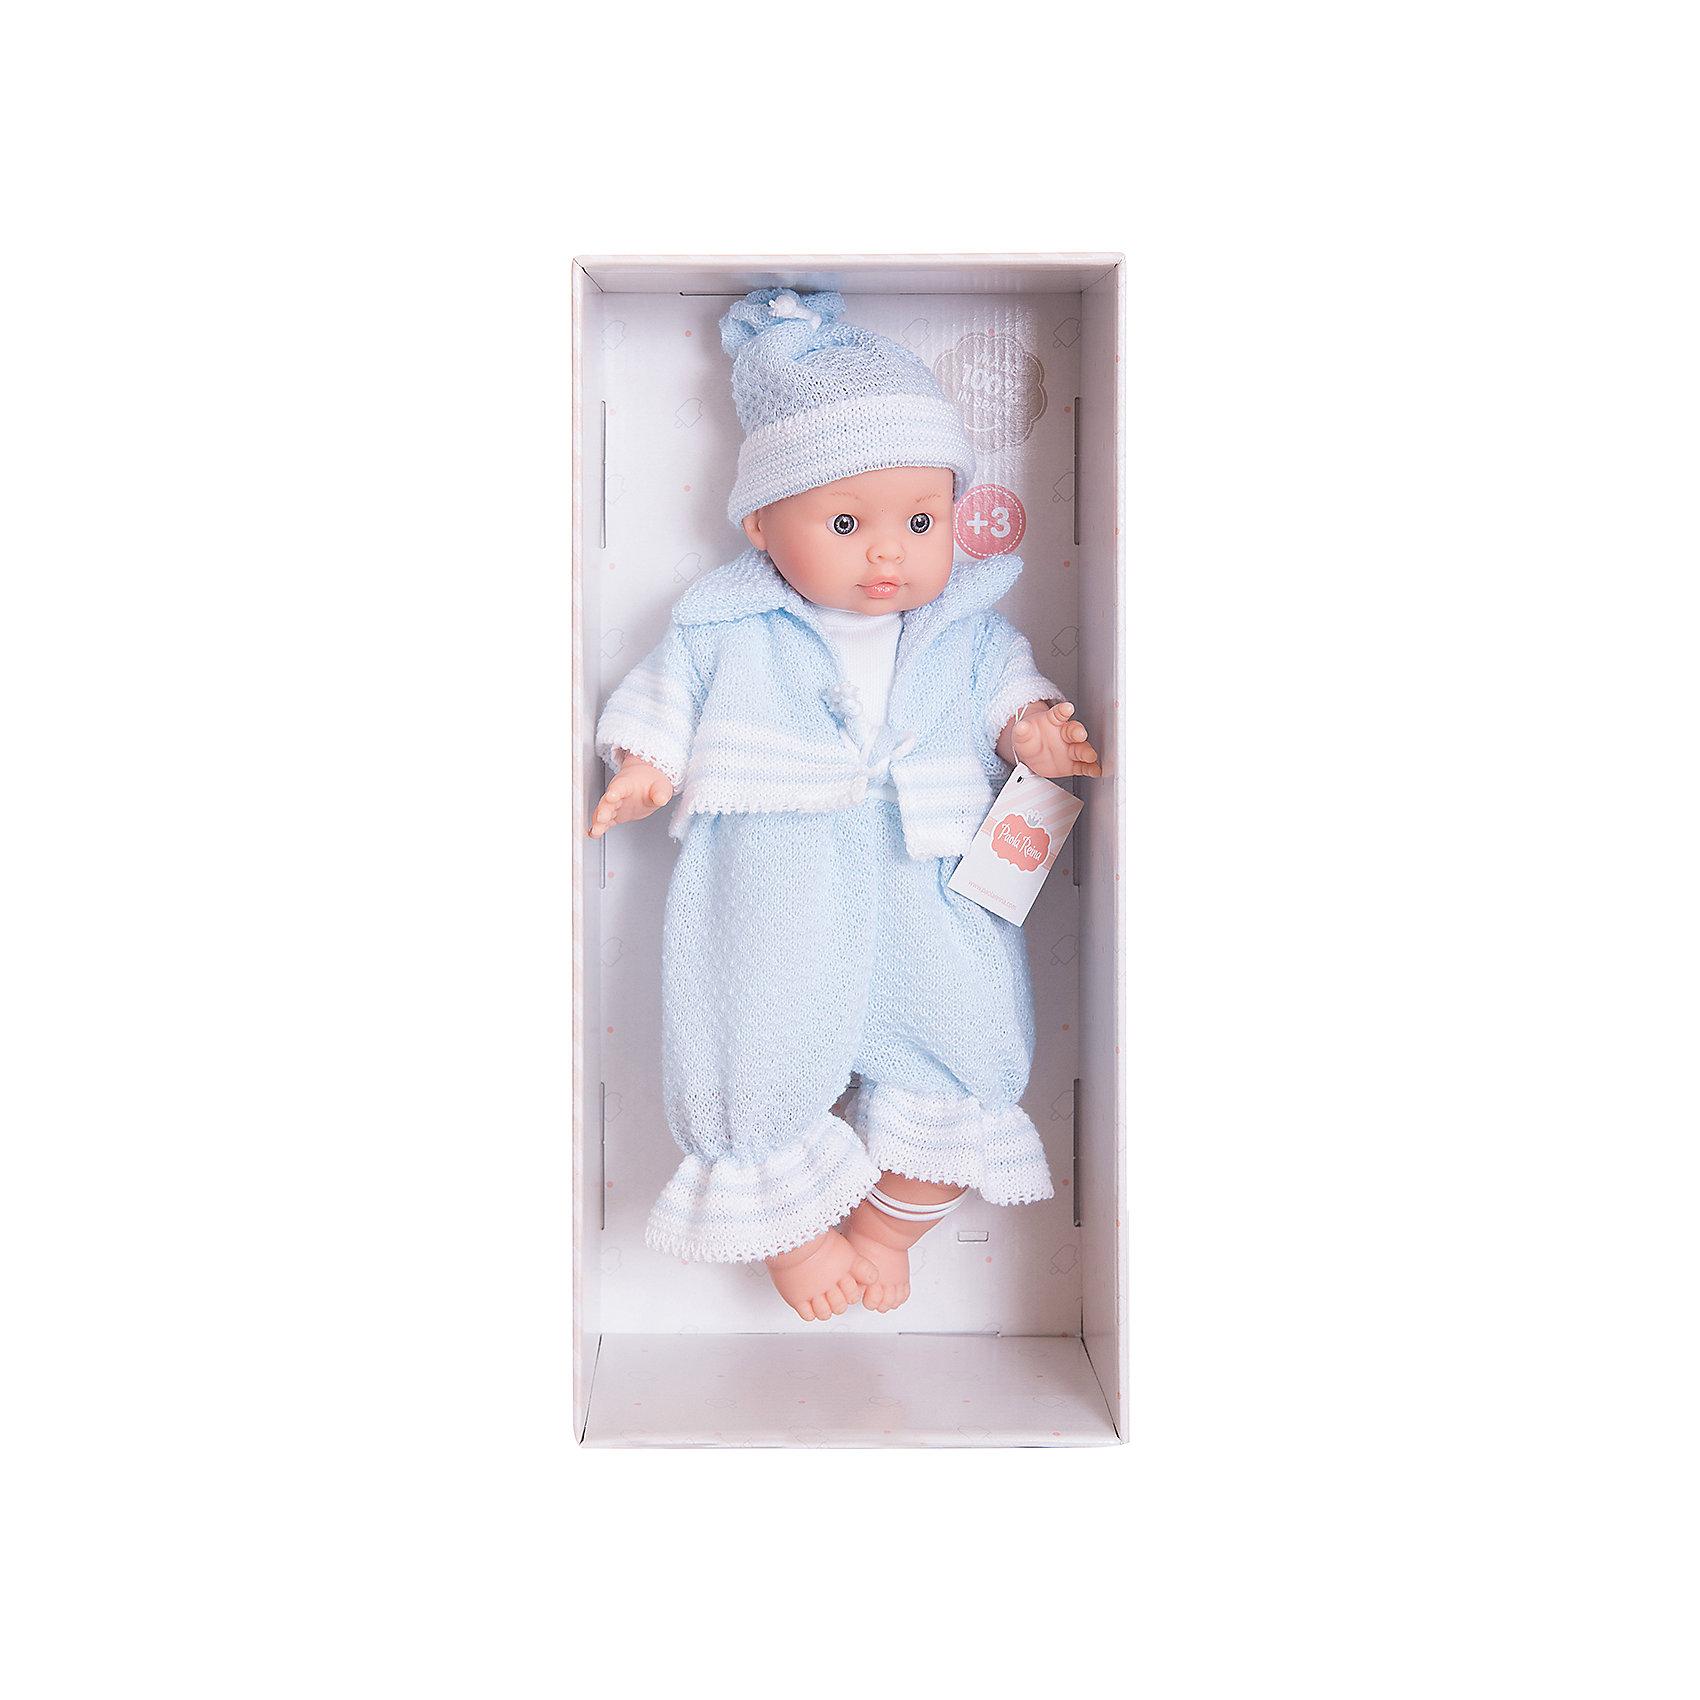 Кукла Энди, 32см, Paola ReinaКлассические куклы<br>Кукла изготовлена из винила; глаза выполнены в виде кристалла из прозрачного твердого пластика; волосы сделаны из высококачественного нейлона.<br><br>Ширина мм: 230<br>Глубина мм: 230<br>Высота мм: 410<br>Вес г: 600<br>Возраст от месяцев: 36<br>Возраст до месяцев: 144<br>Пол: Женский<br>Возраст: Детский<br>SKU: 4966366